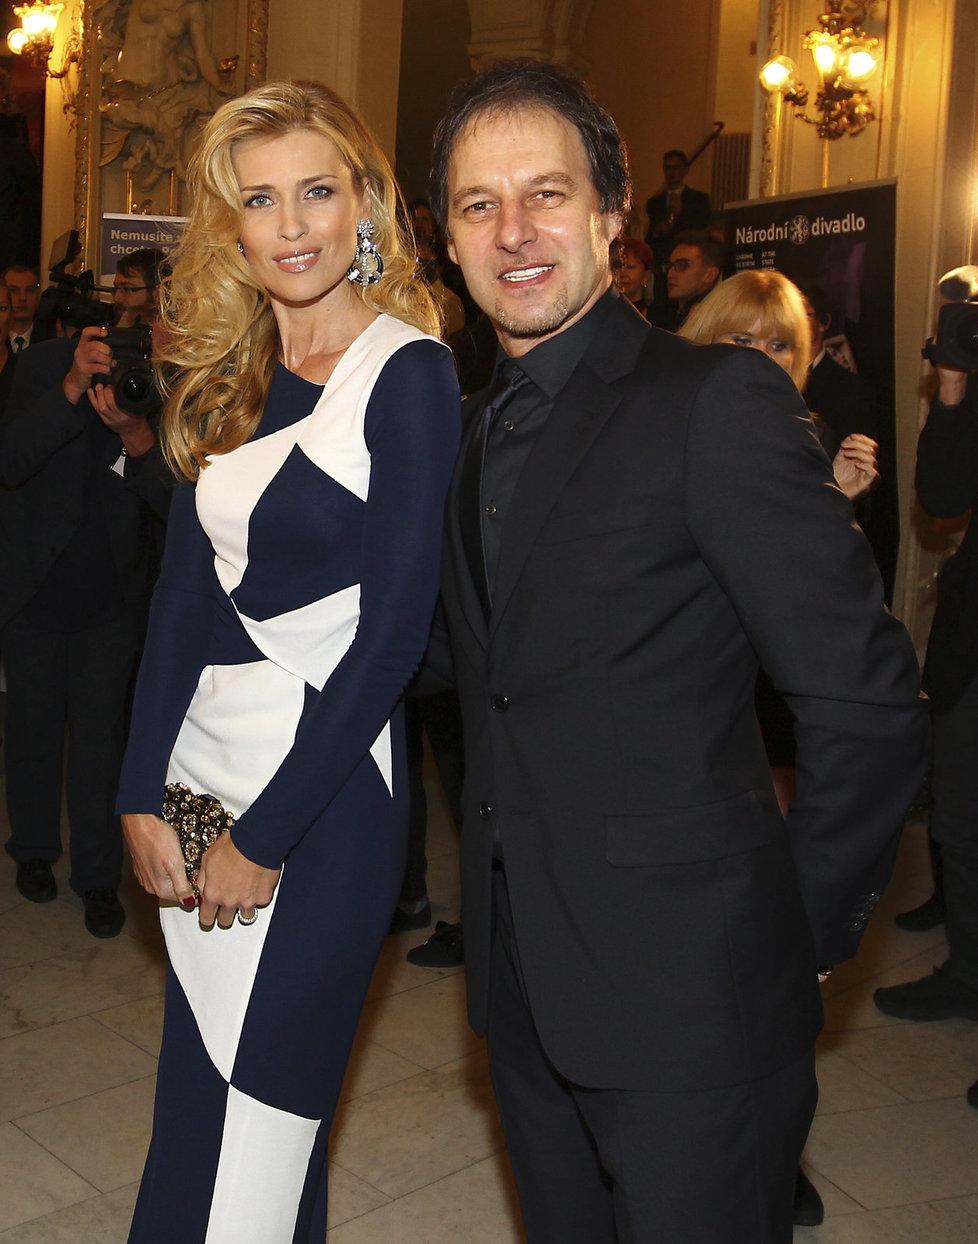 Úspěšná modelka Daniela Peštová (45) a Pavol Habera (53) se zasnoubili už v roce 1999. Společně mají dvě děti, Ellu Joy Annu a Paula Henryho.